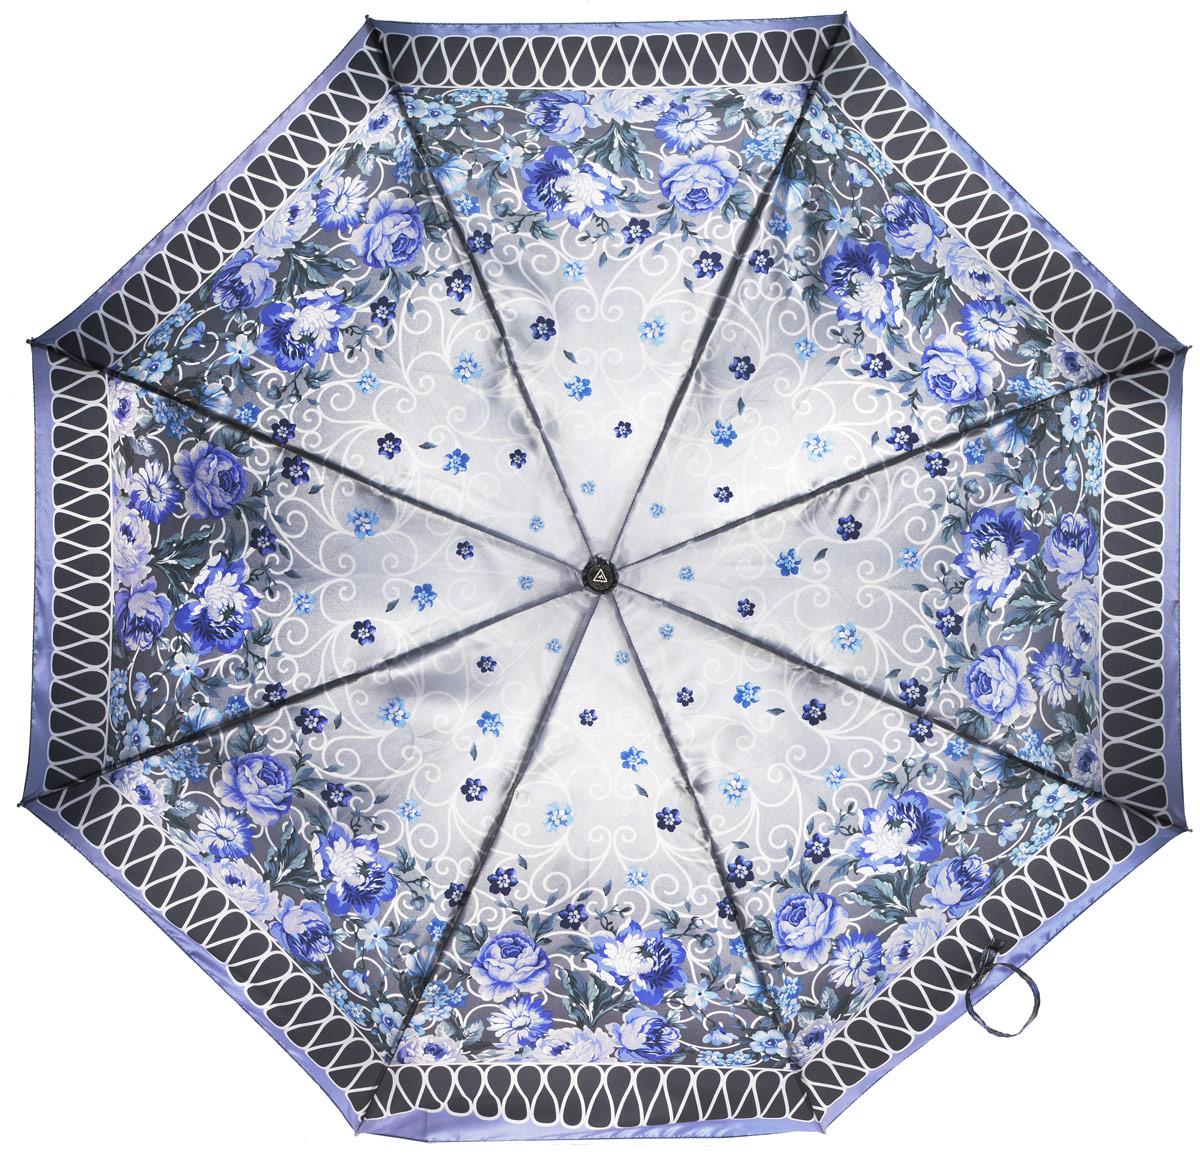 Зонт женский Fabretti, полный автомат, 3 сложения, цвет: мультиколор. S-16101-2S-16101-2Зонт женский Fabretti, суперавтомат, 3 сложения, сатин